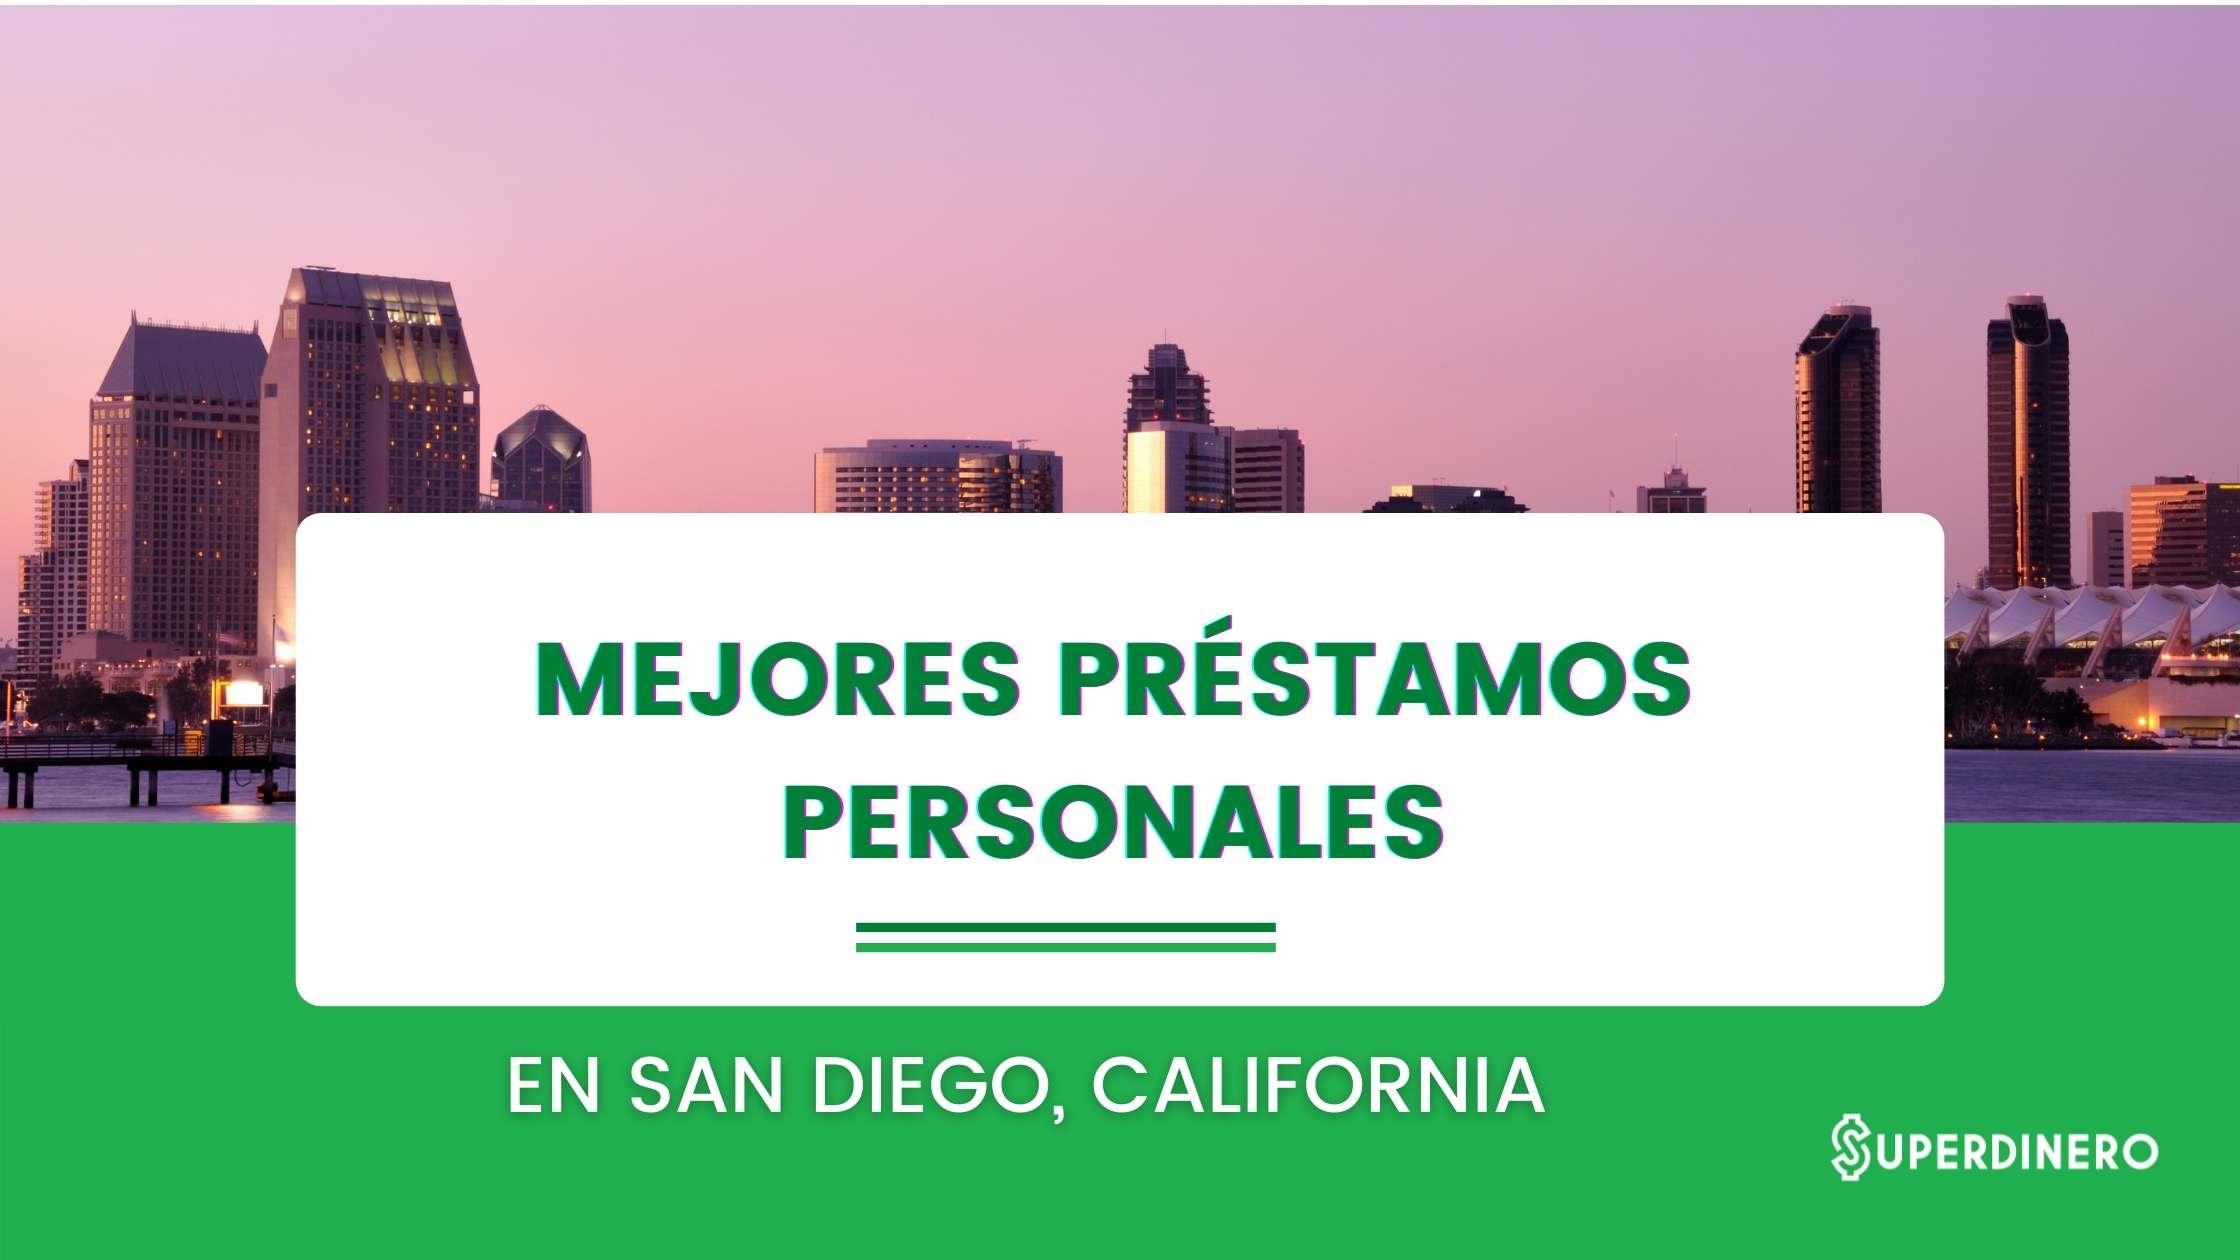 Mejores préstamos personales en San Diego, California